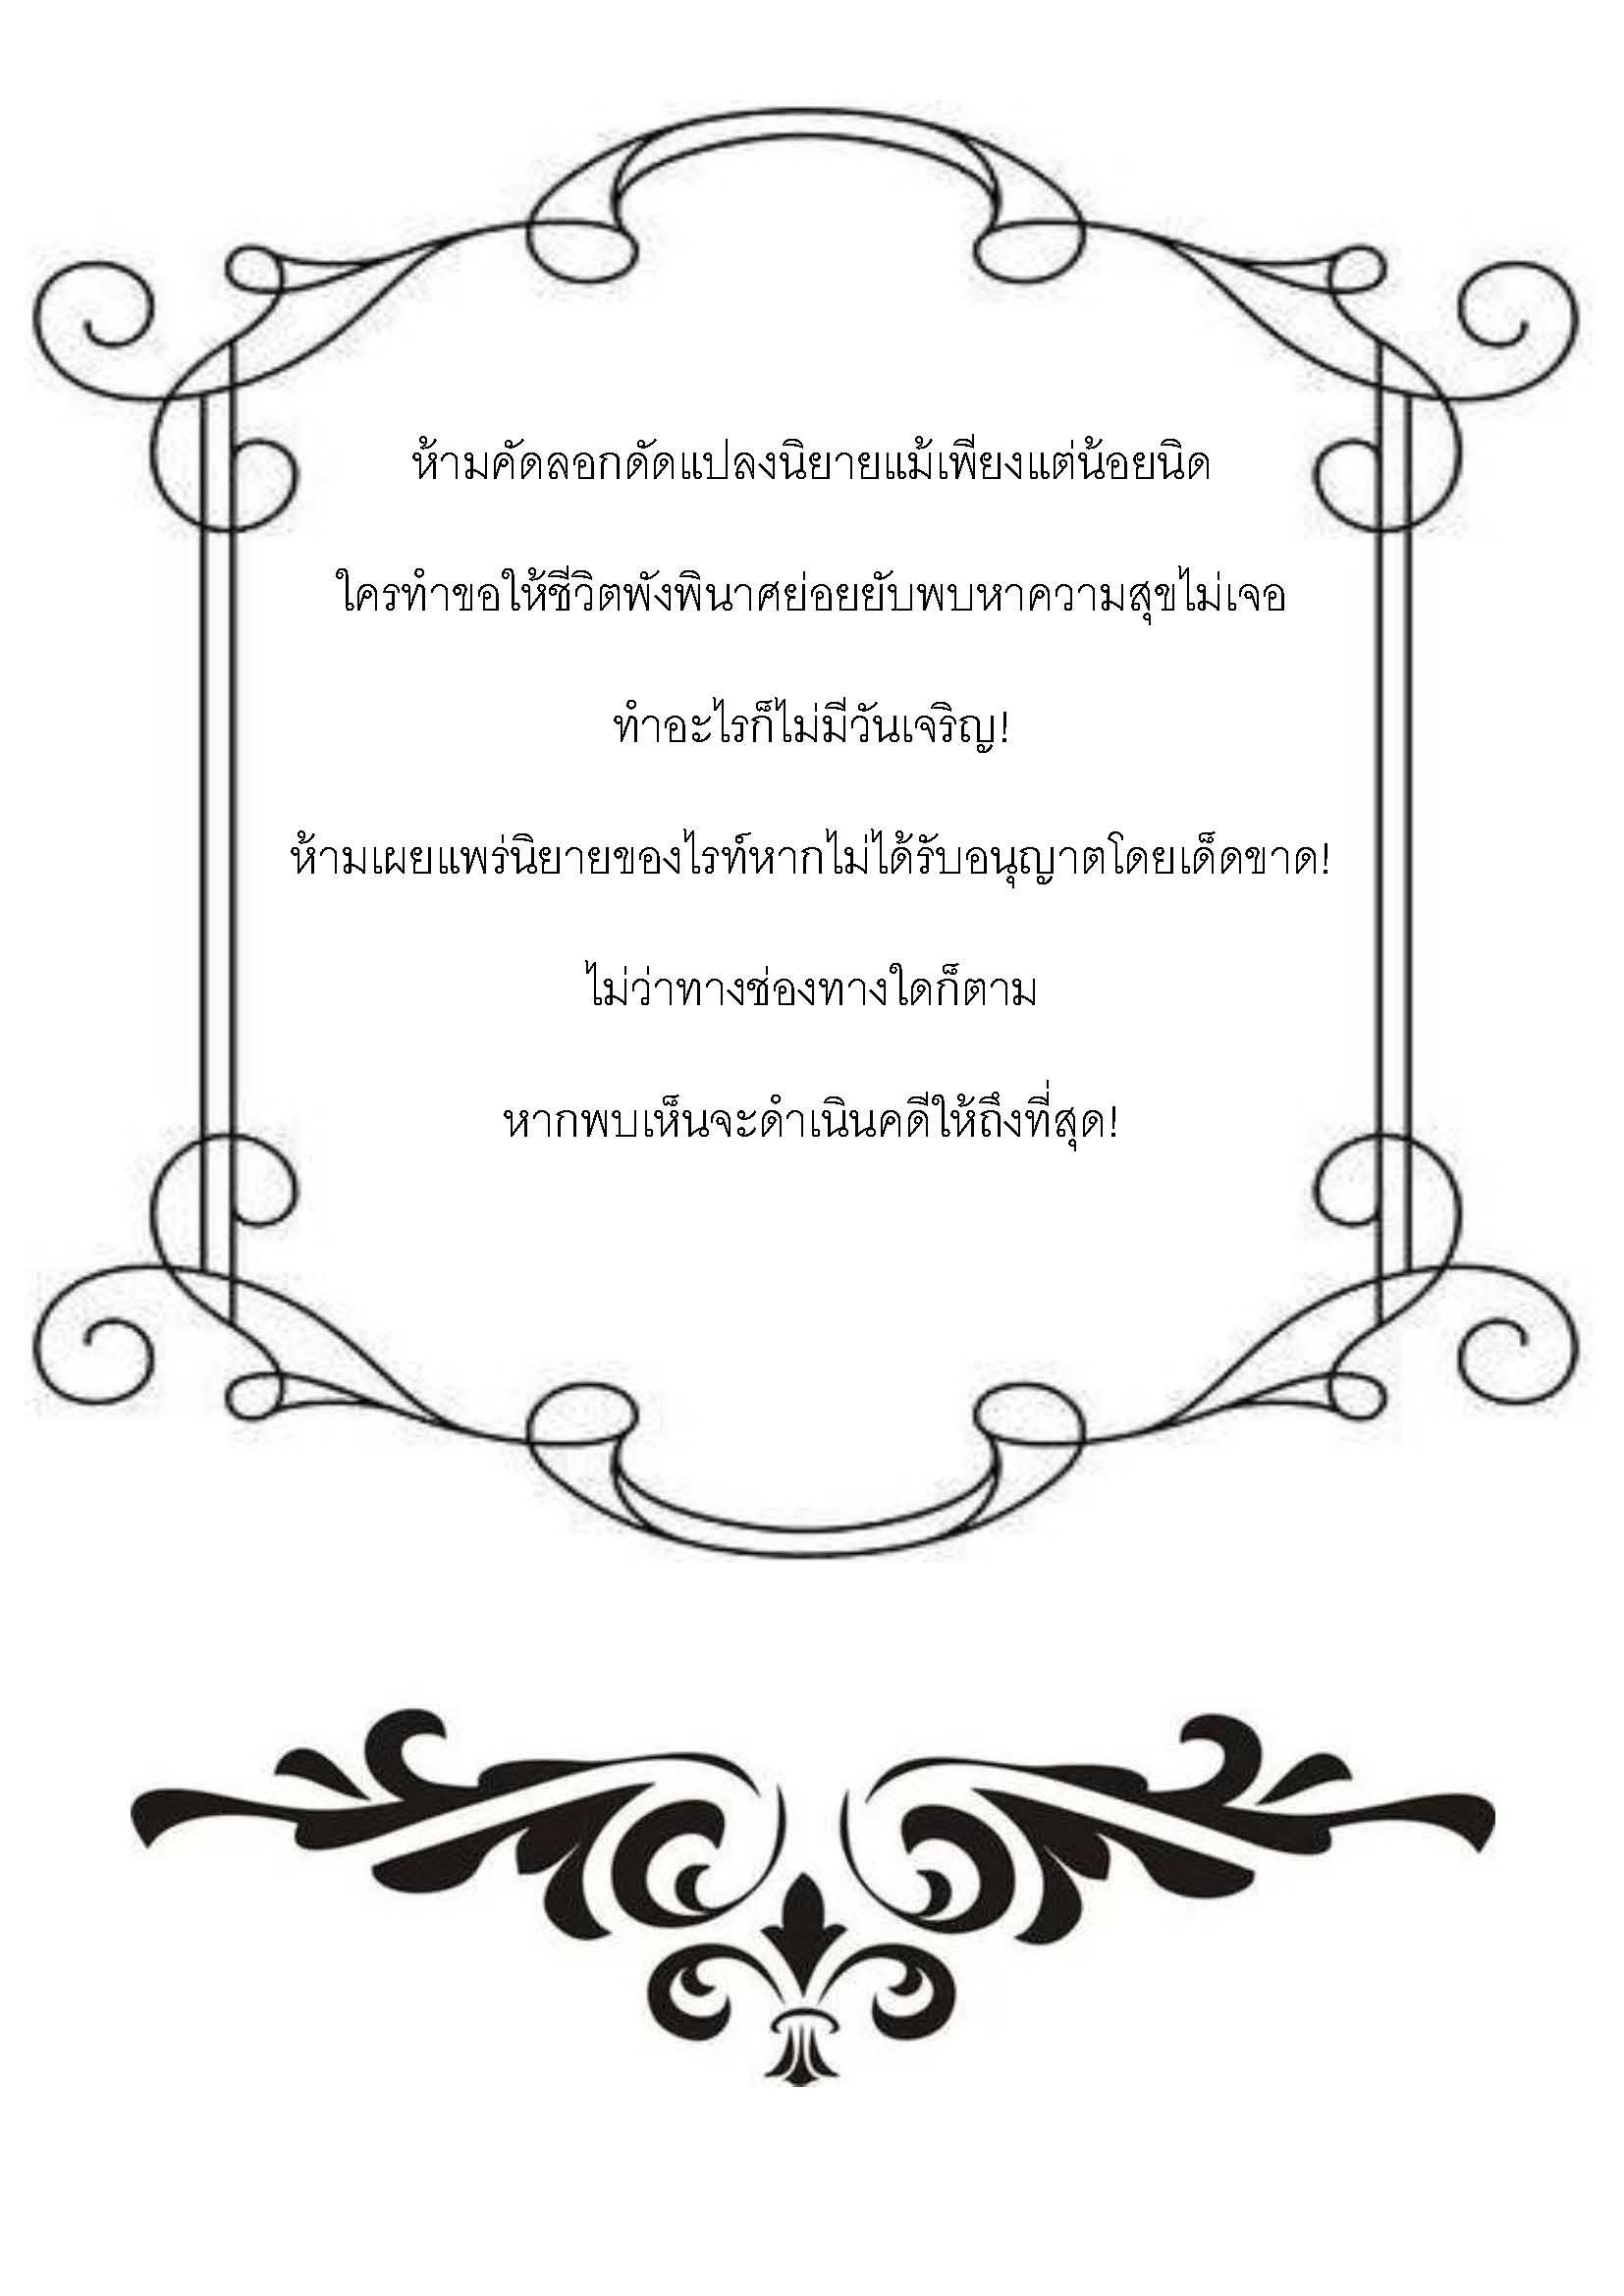 http://cdn-th.tunwalai.net/files/member/2567518/2106564858-member.jpg